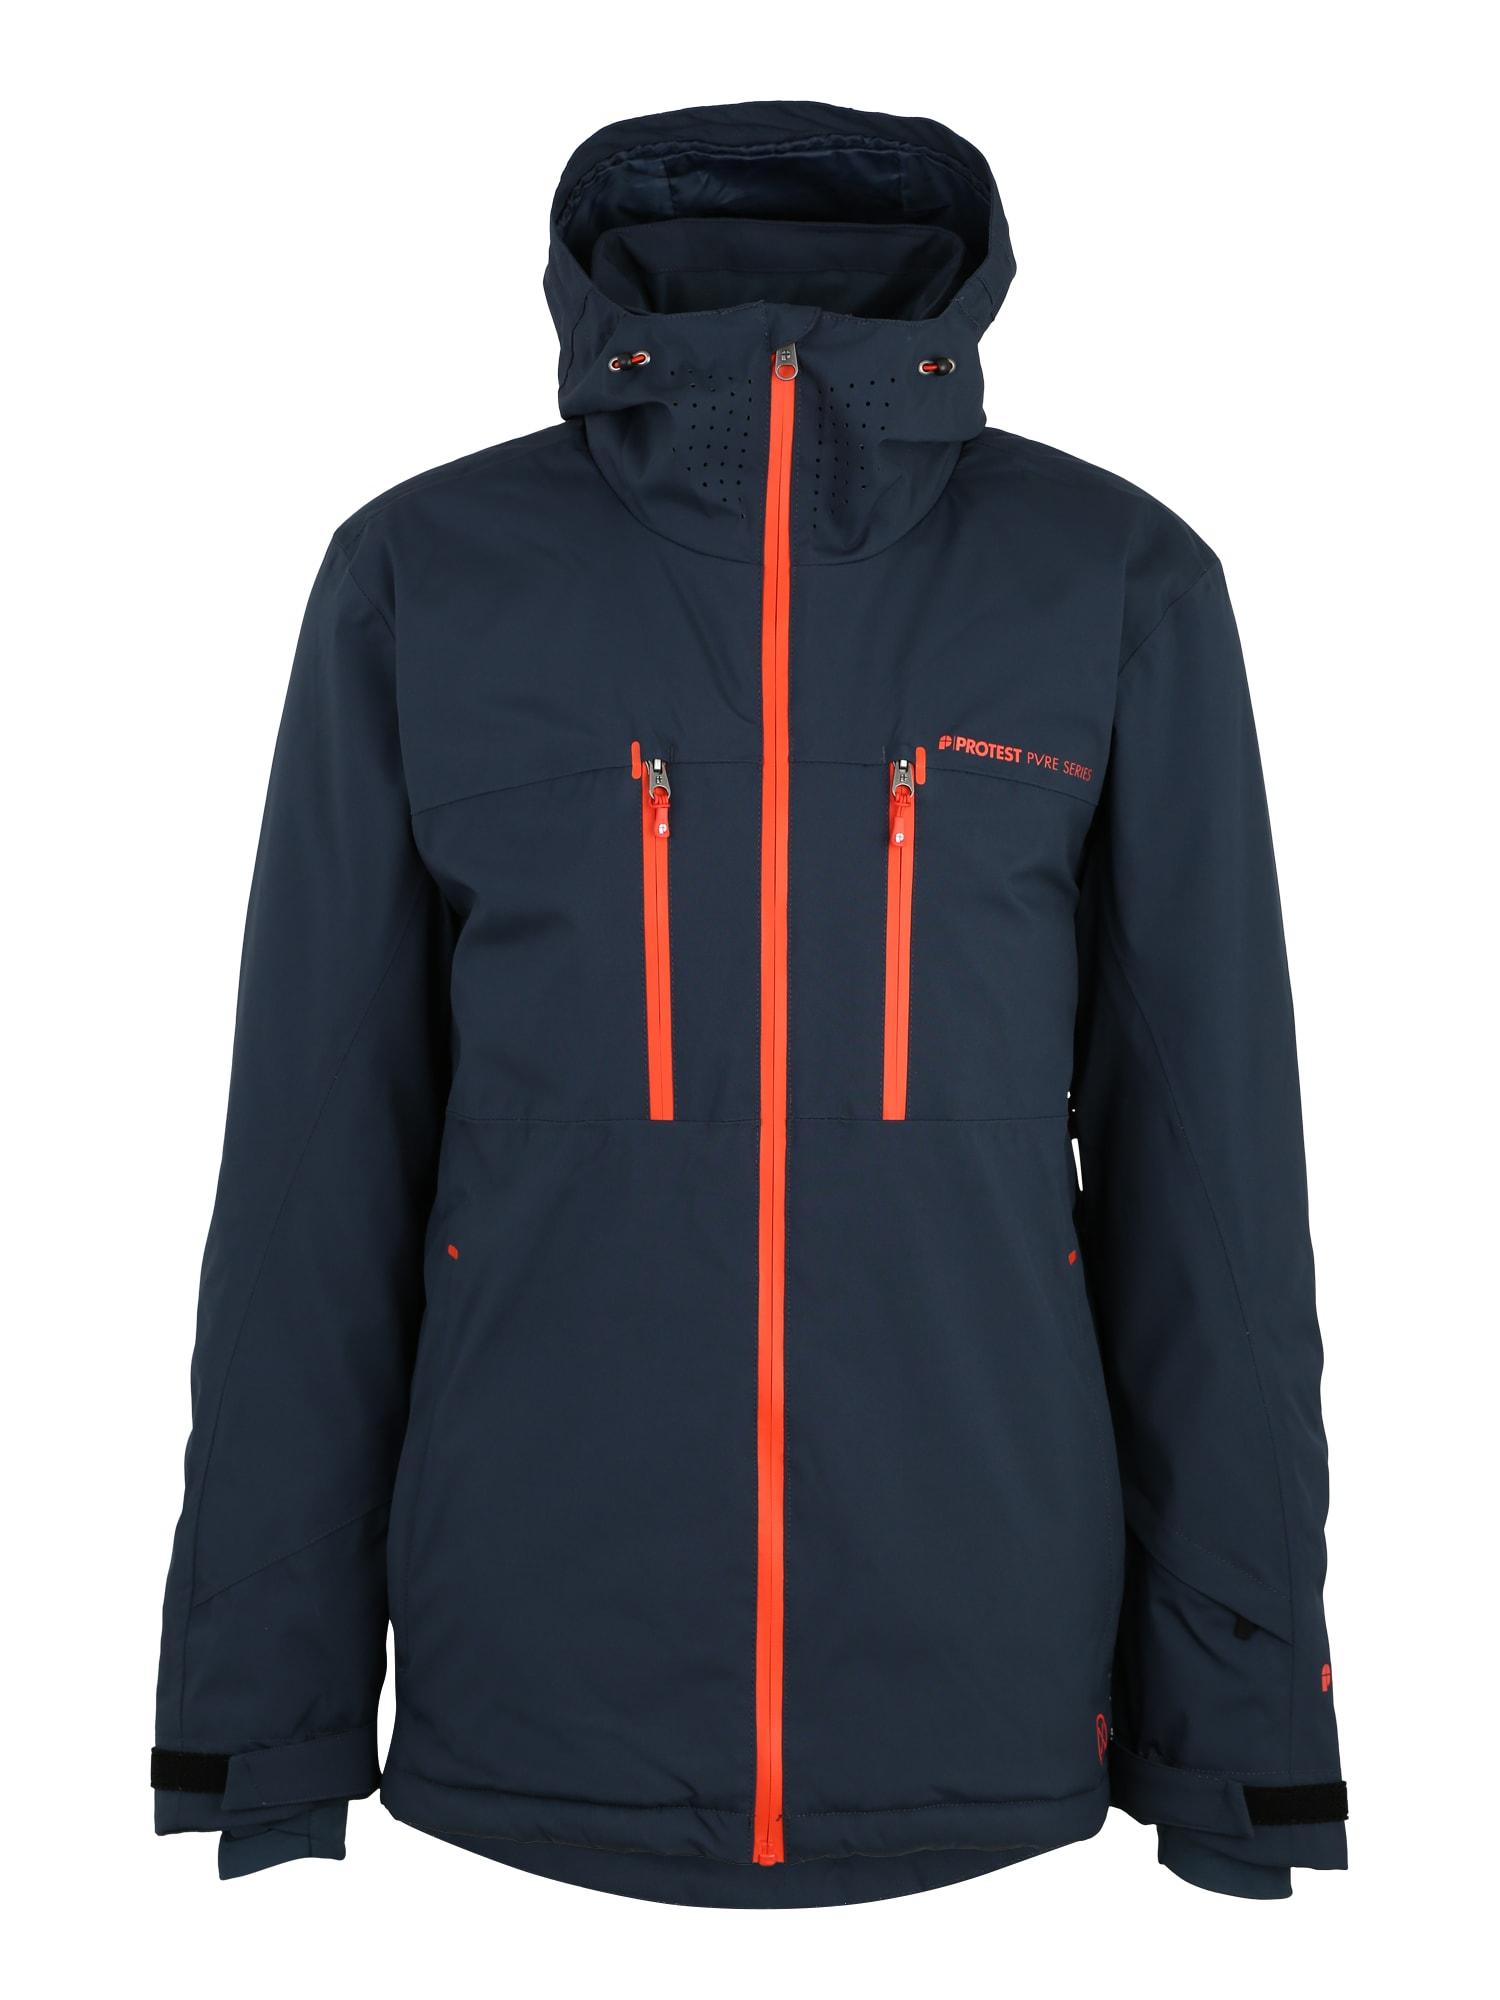 Sportovní bunda Clavin tmavě modrá jasně oranžová PROTEST